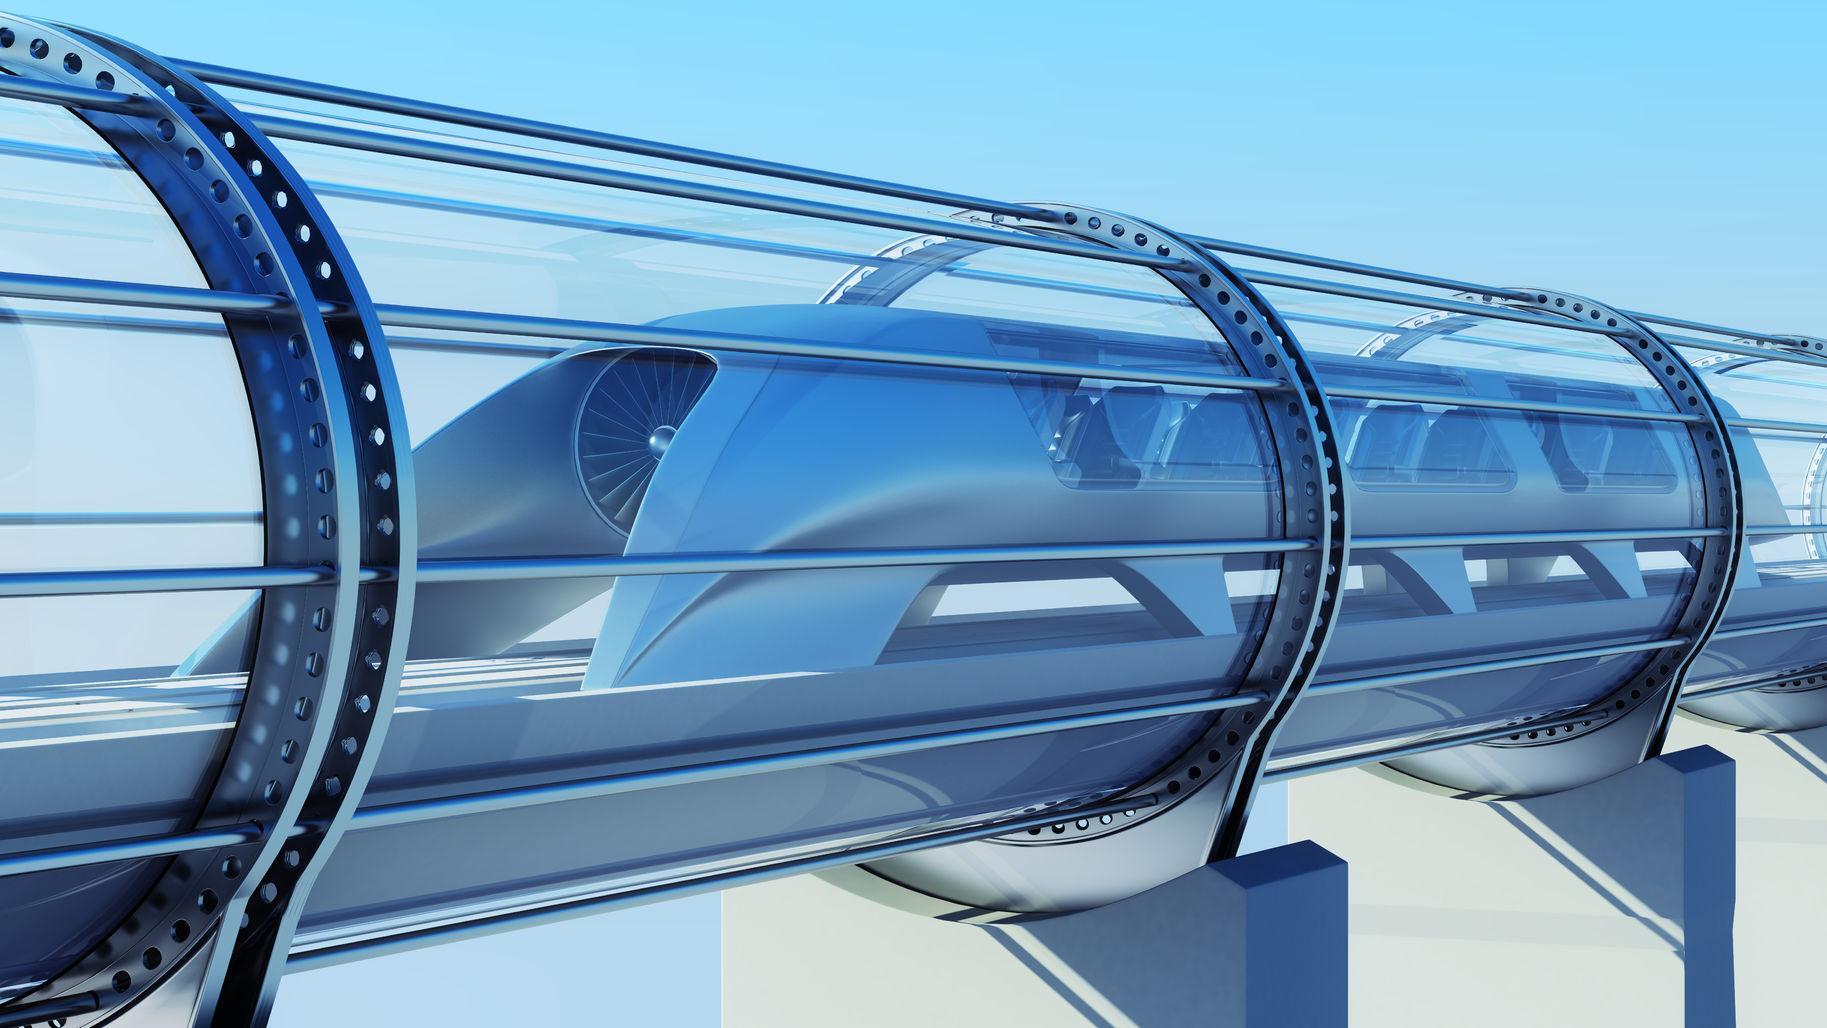 超级高铁速度超飞机 建成你敢坐吗